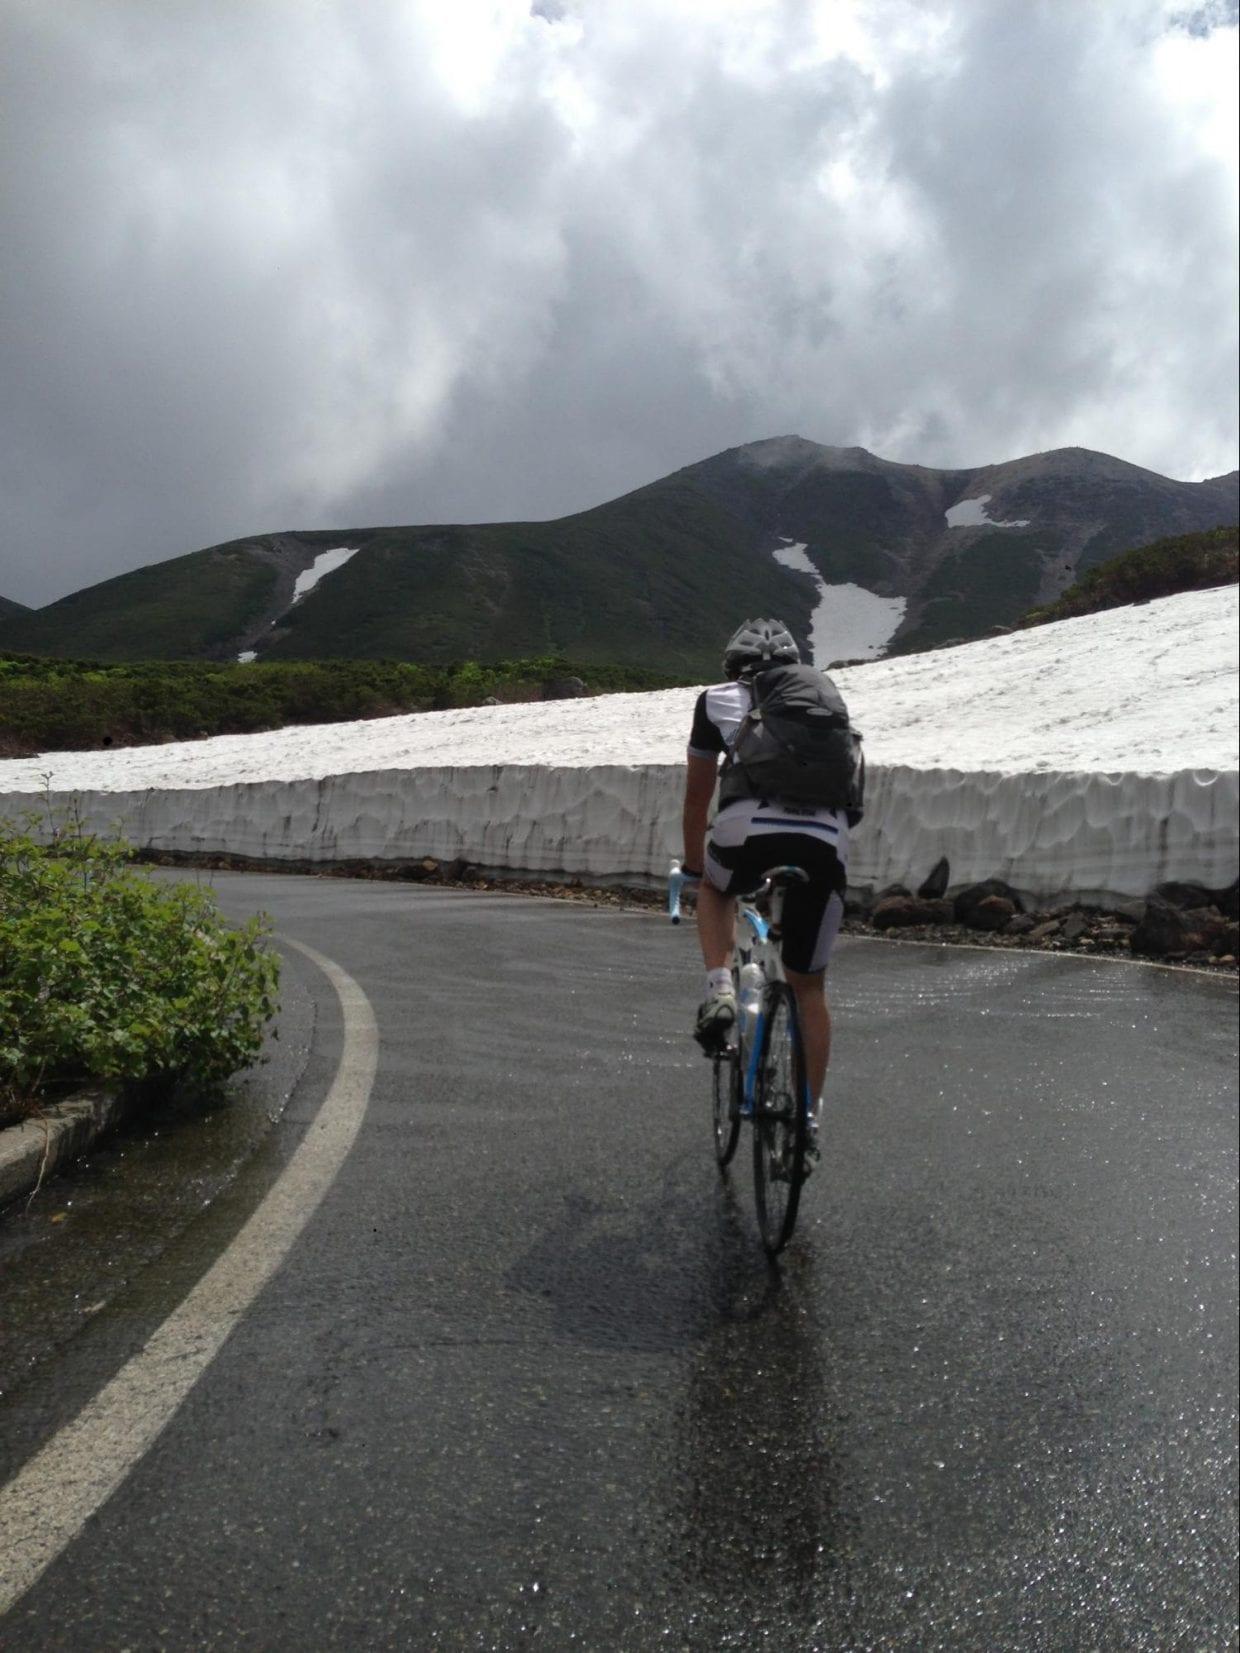 7月中旬だと、まだ路肩に雪が残っています。雪解け水がすごくて、水量豊富な原因がわかる気がします